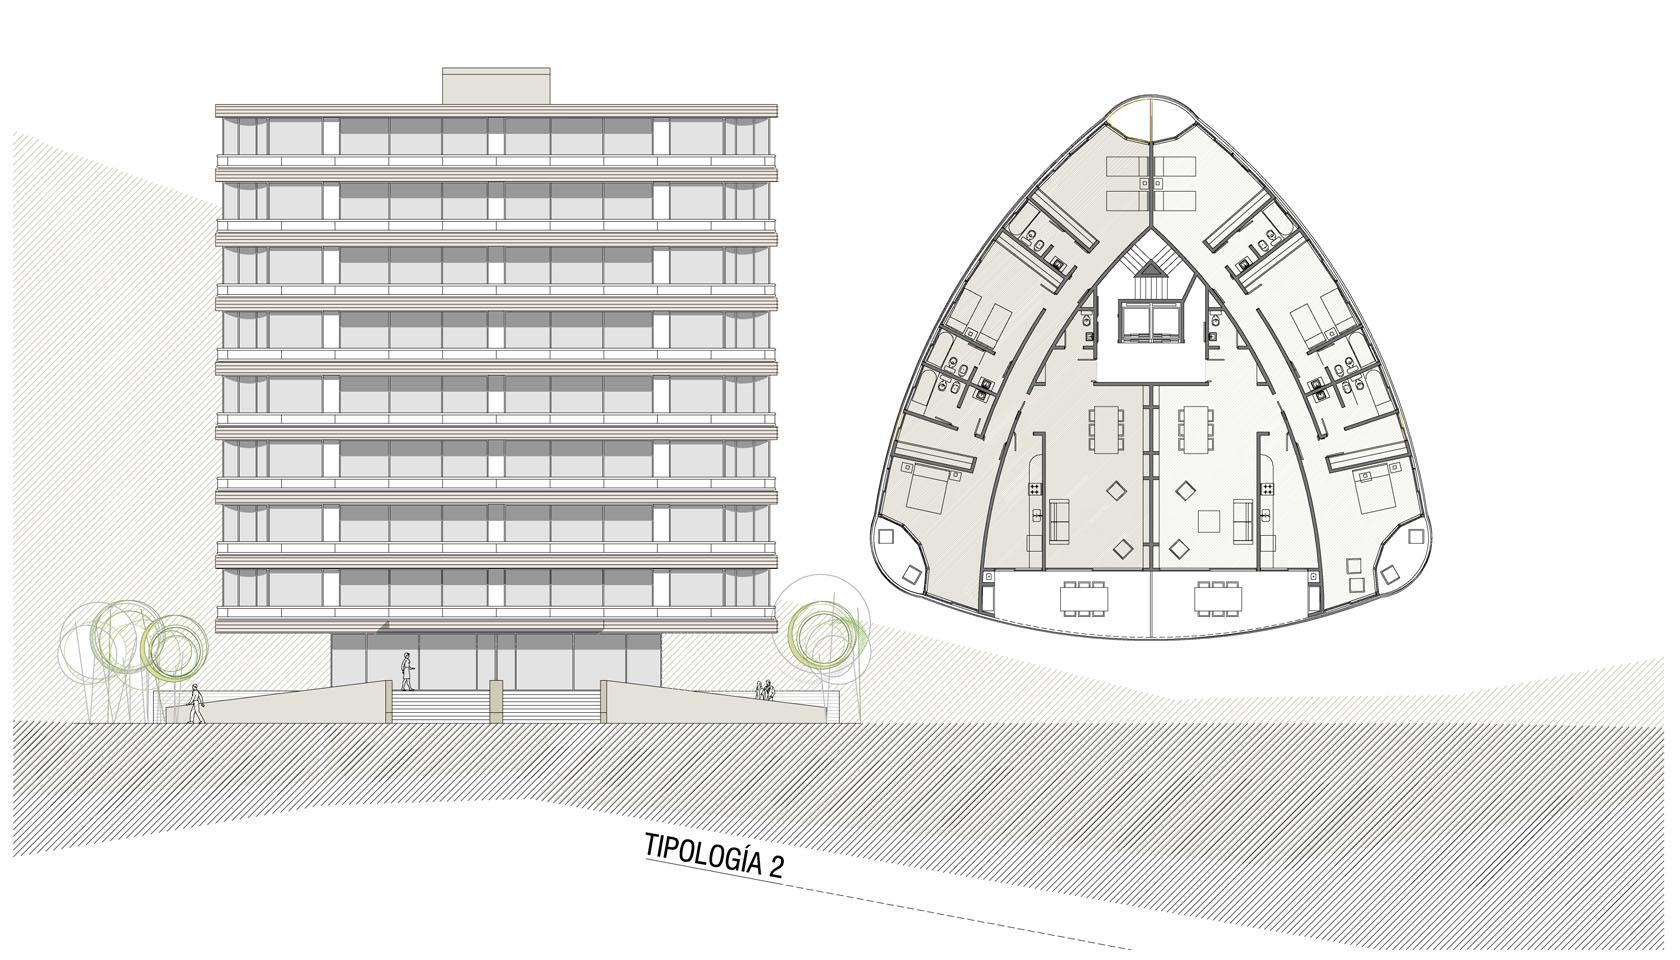 Diseño de edificios de vivienda